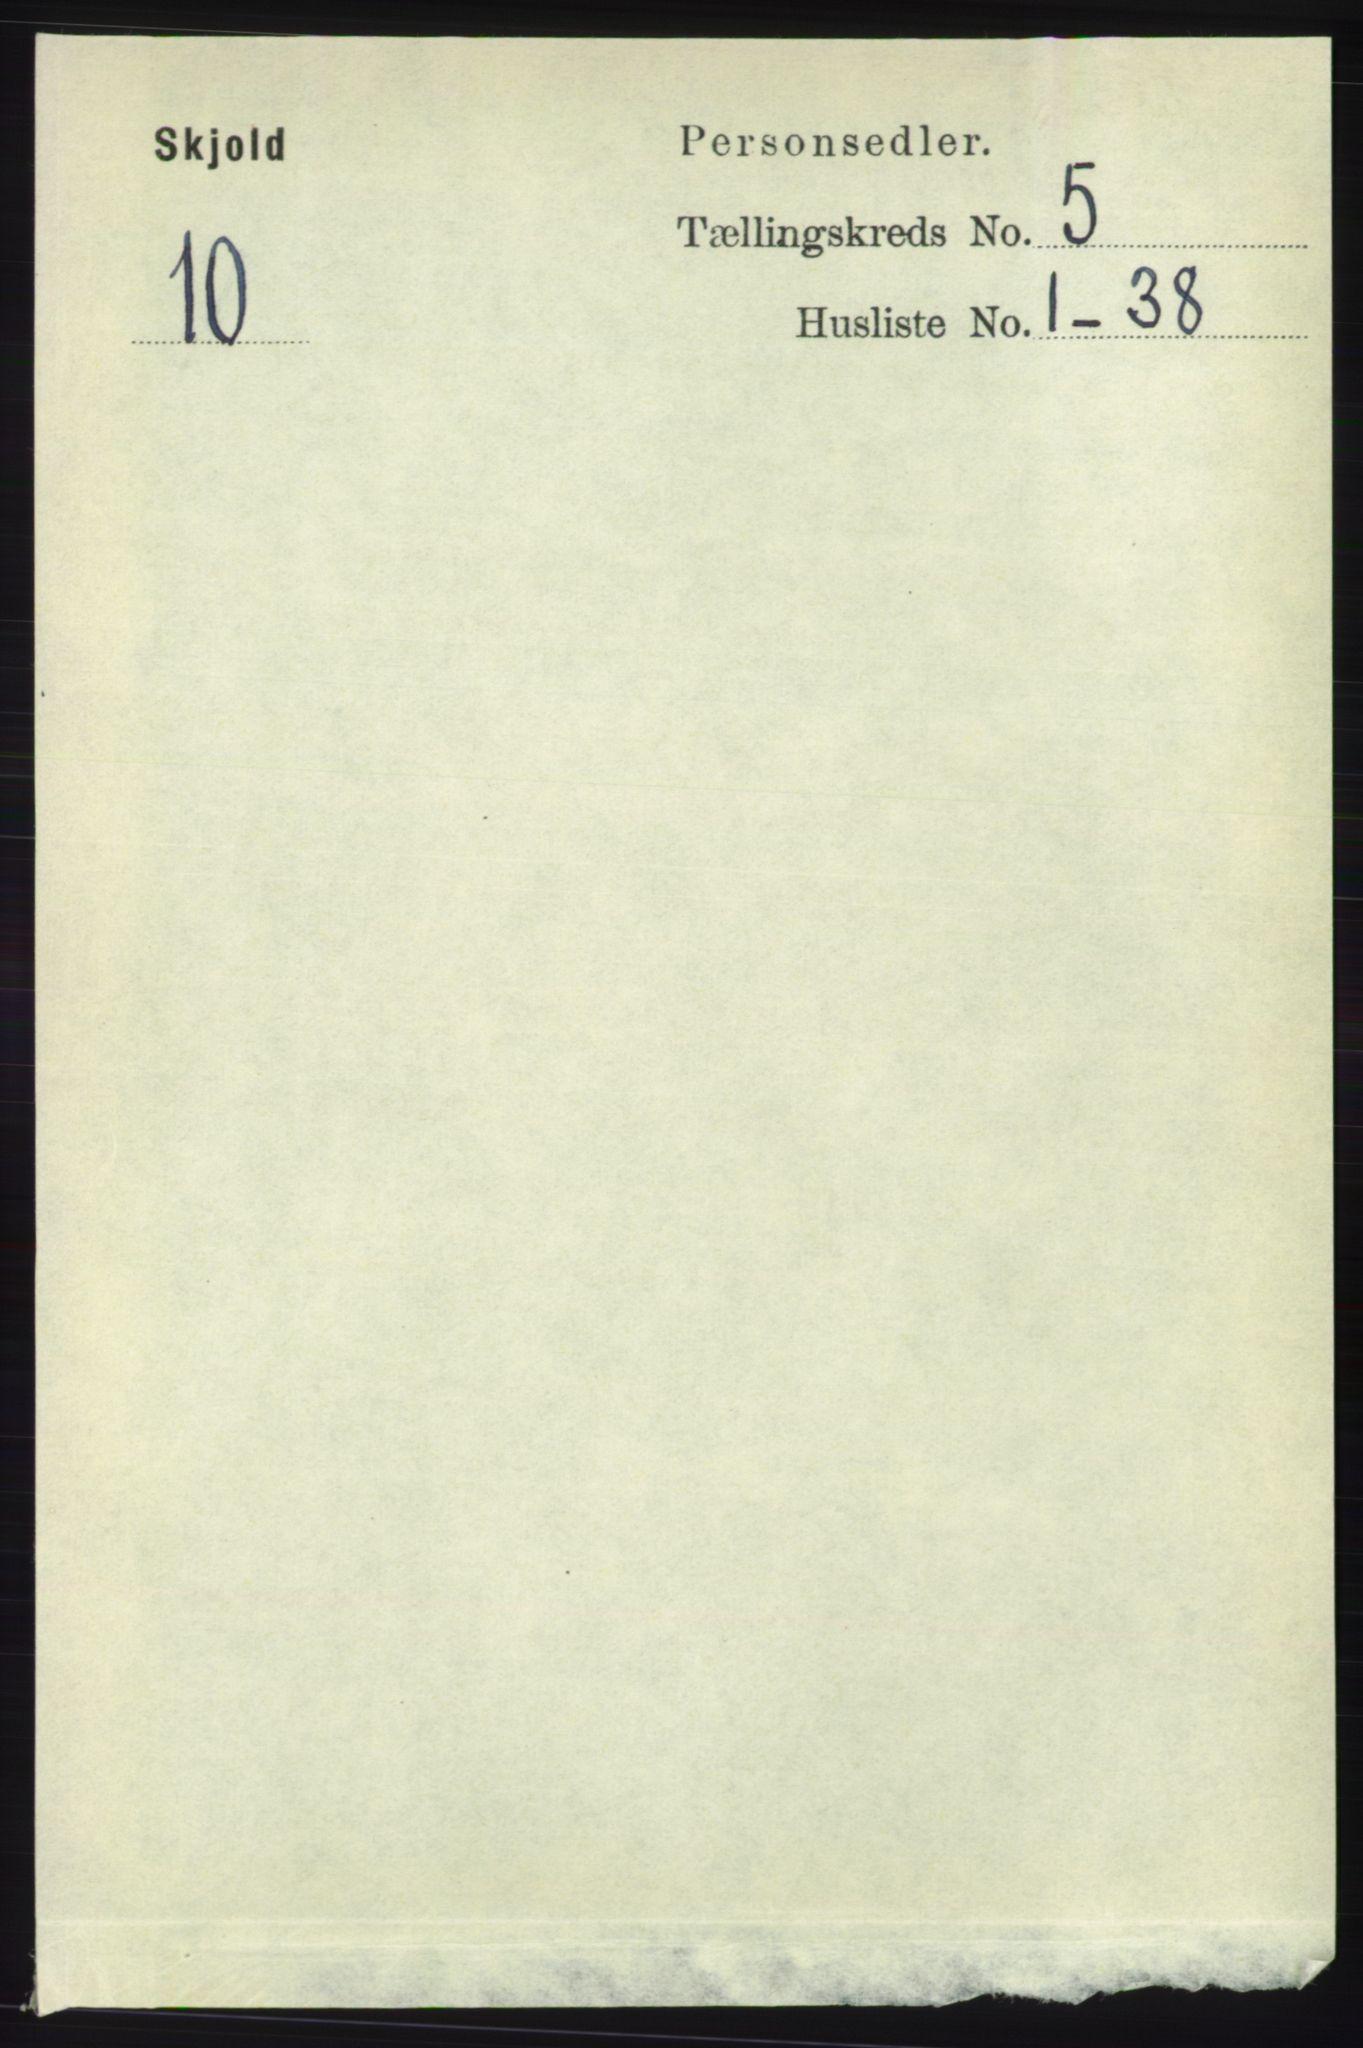 RA, Folketelling 1891 for 1154 Skjold herred, 1891, s. 768